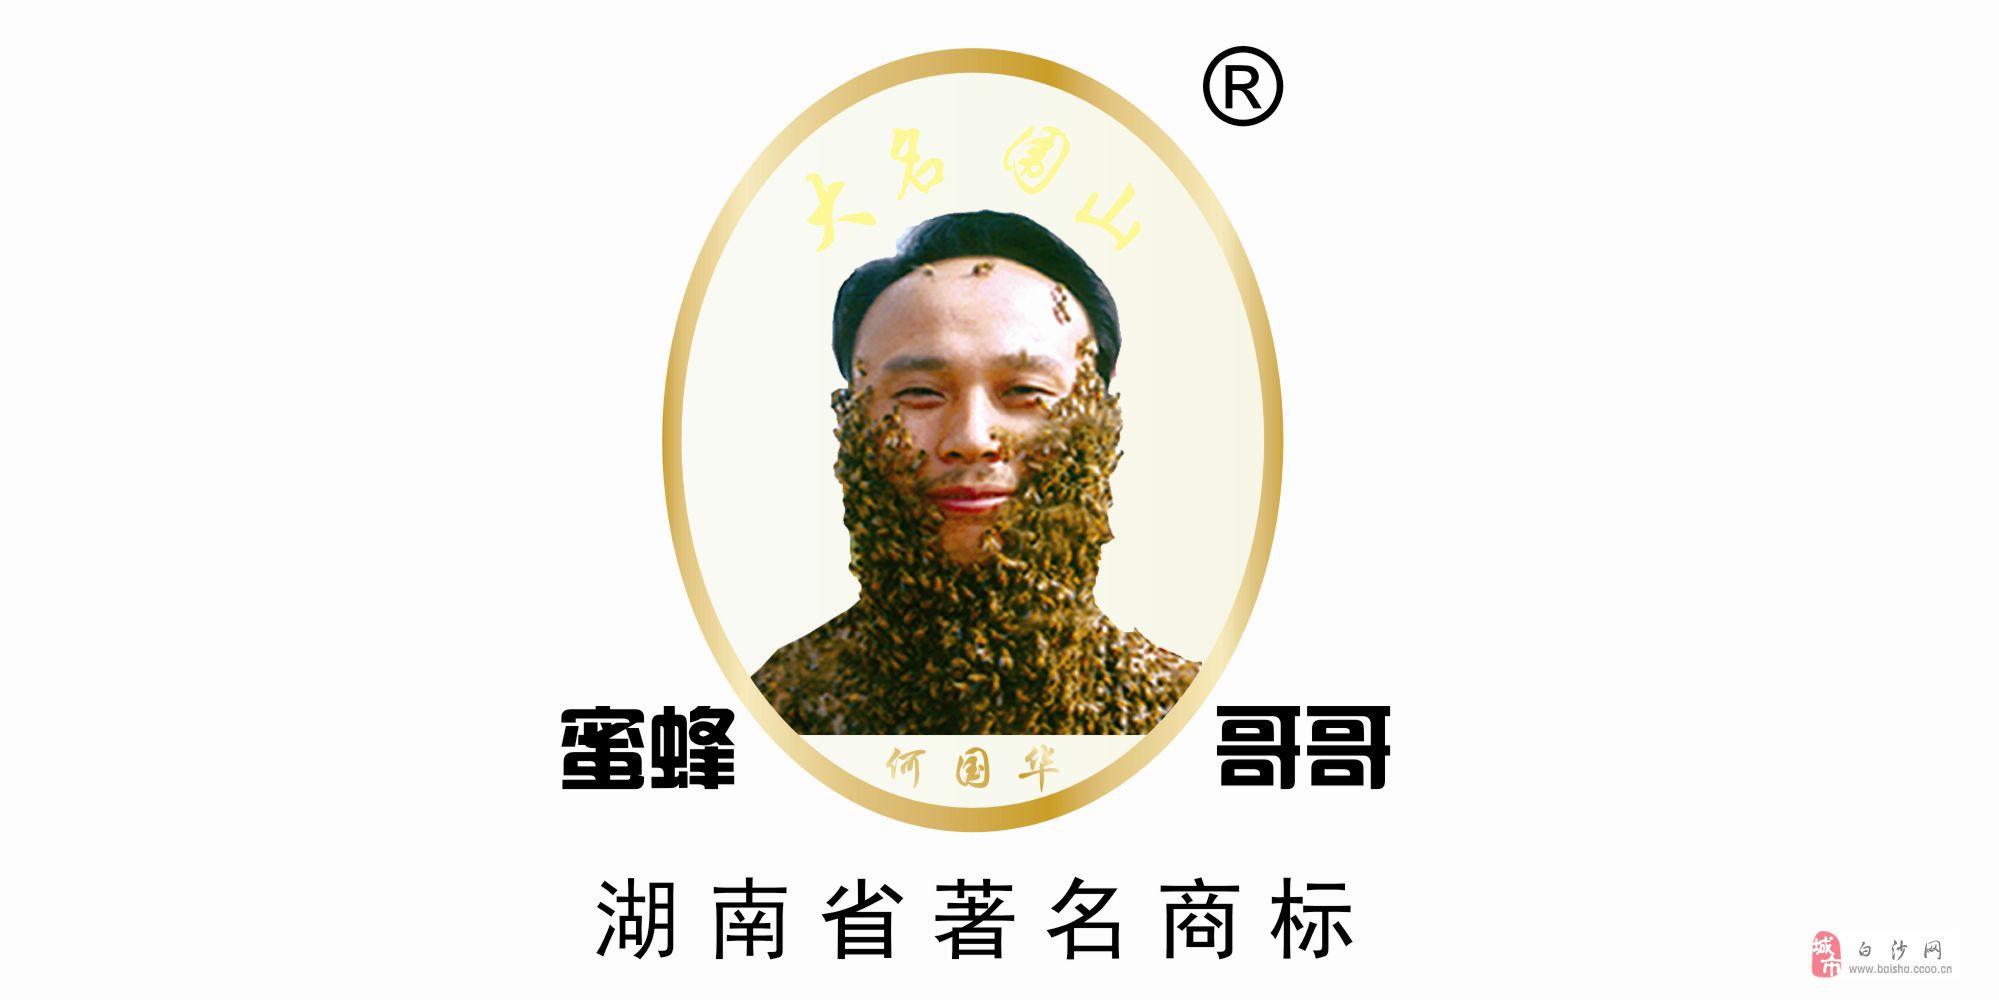 長沙養蜂技術咨詢